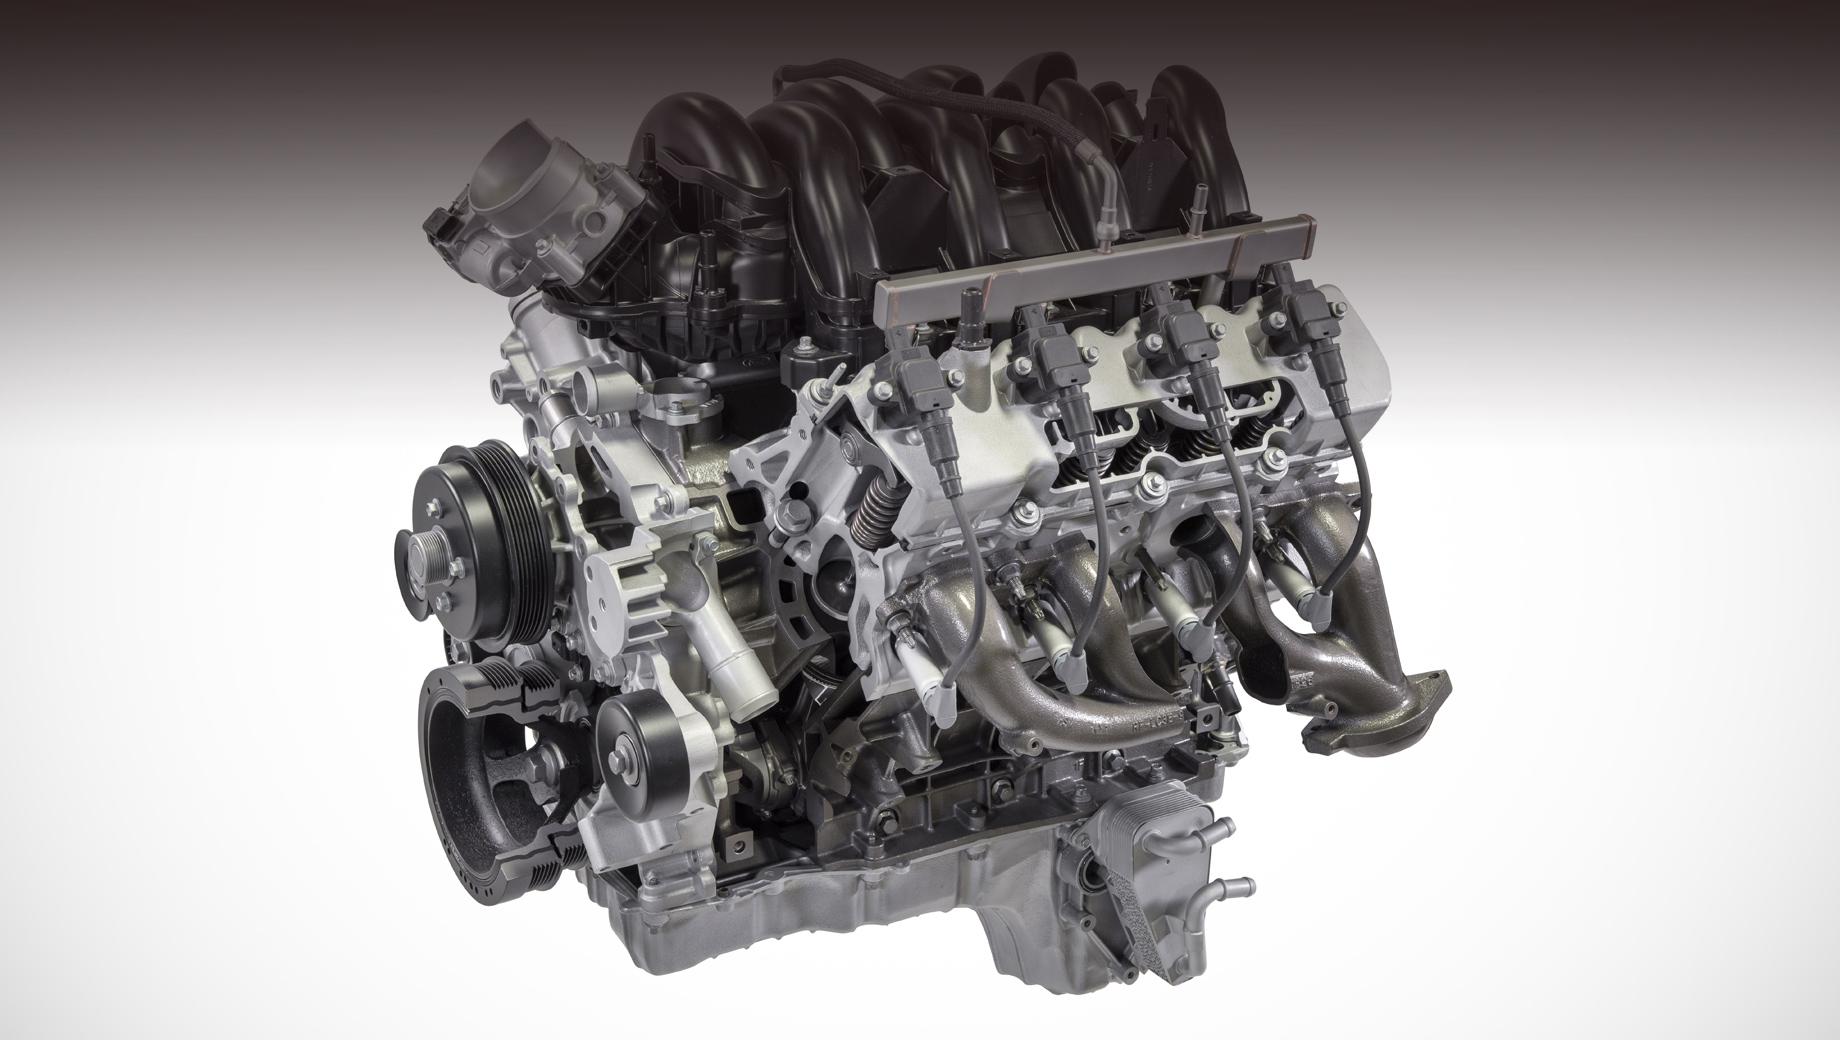 Ford super duty,Ford f-250,Ford f-350,Ford f-450. В исходном атмосферном варианте нижневальный агрегат с чугунным блоком V8 7.3 выдаёт до 436 л.с. и 644 Н•м (есть также версии с меньшей отдачей). Время дебюта наддувного исполнения не раскрыто.